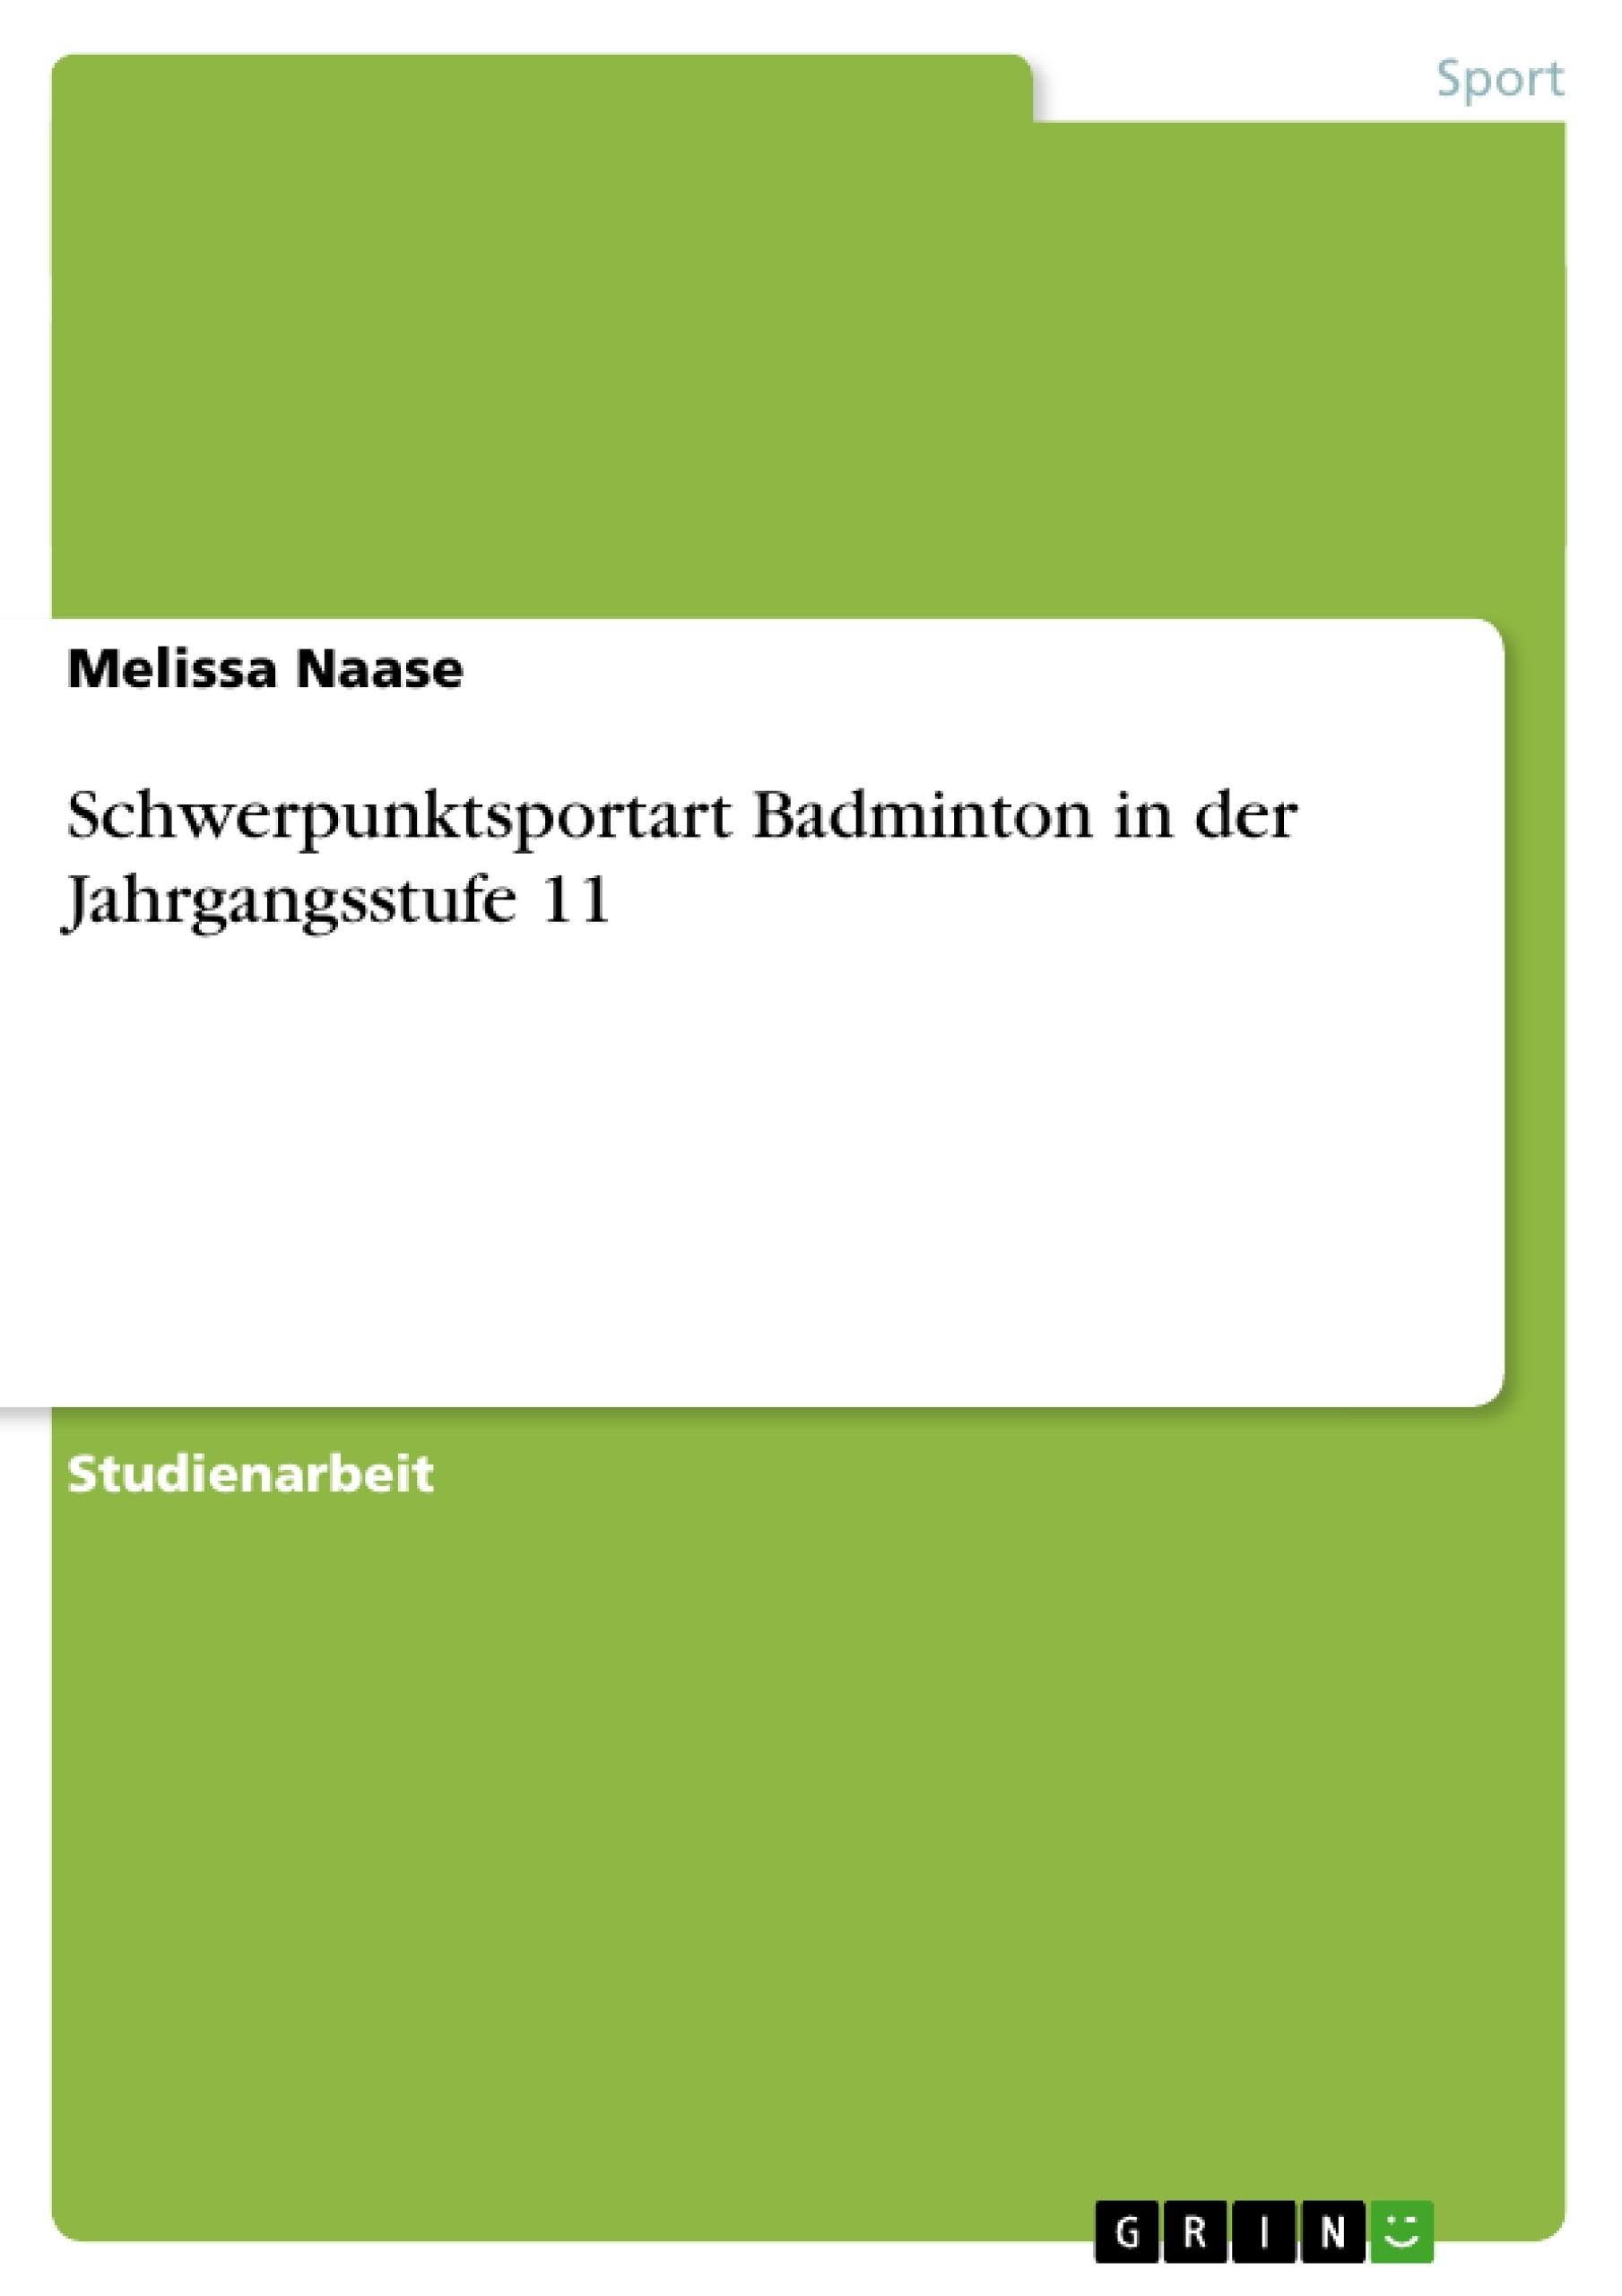 Titel: Schwerpunktsportart Badminton in der Jahrgangsstufe 11